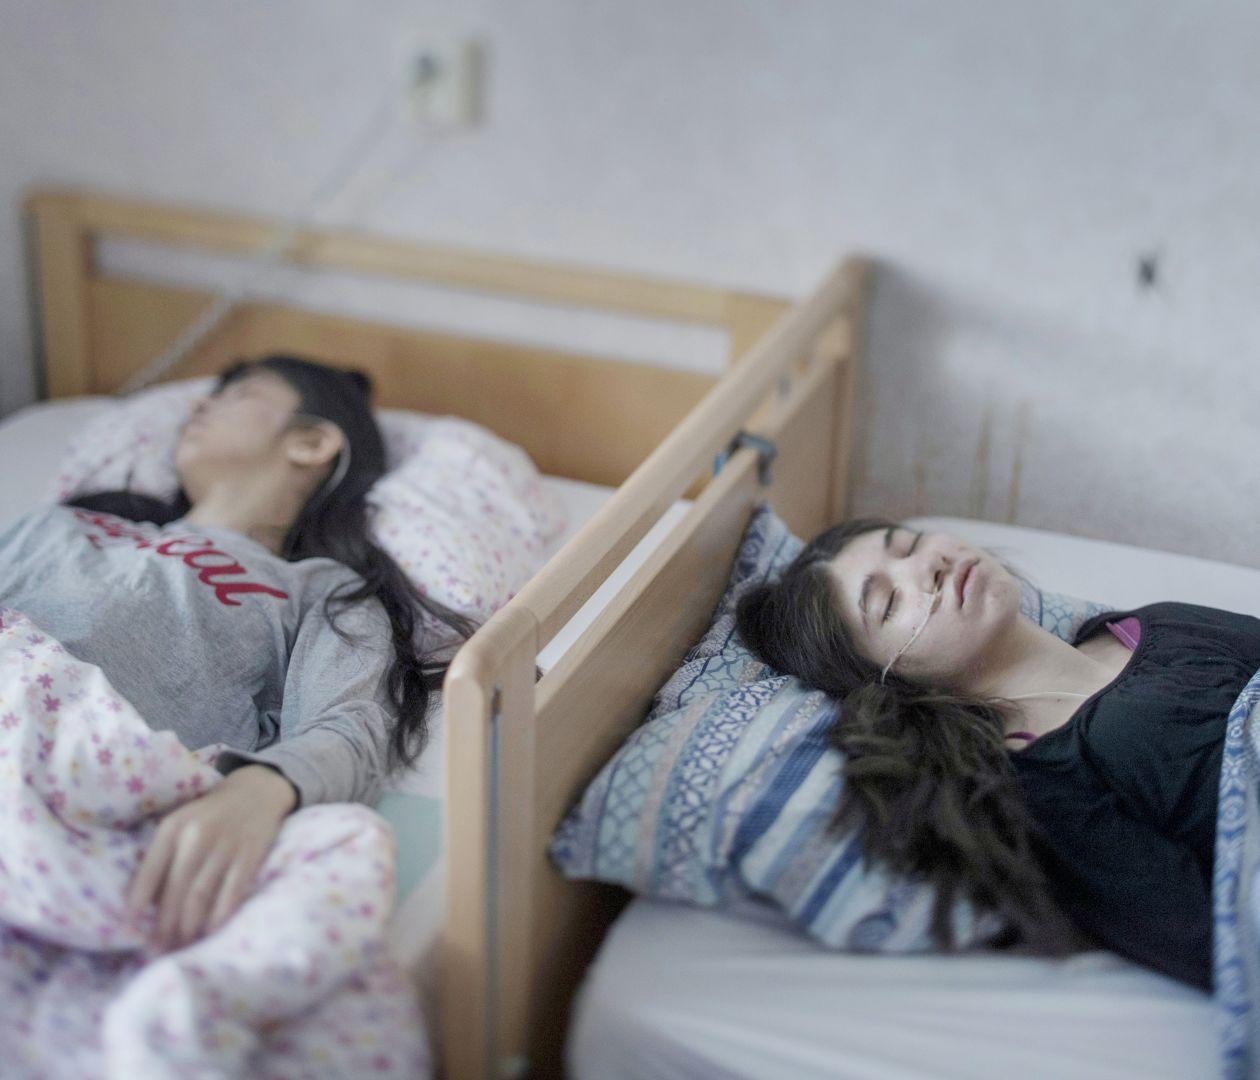 Синдром отставки, © Магнус Веннман, Швеция, 1-й приз : одиночный кадр, Фотоконкурс World Press Photo